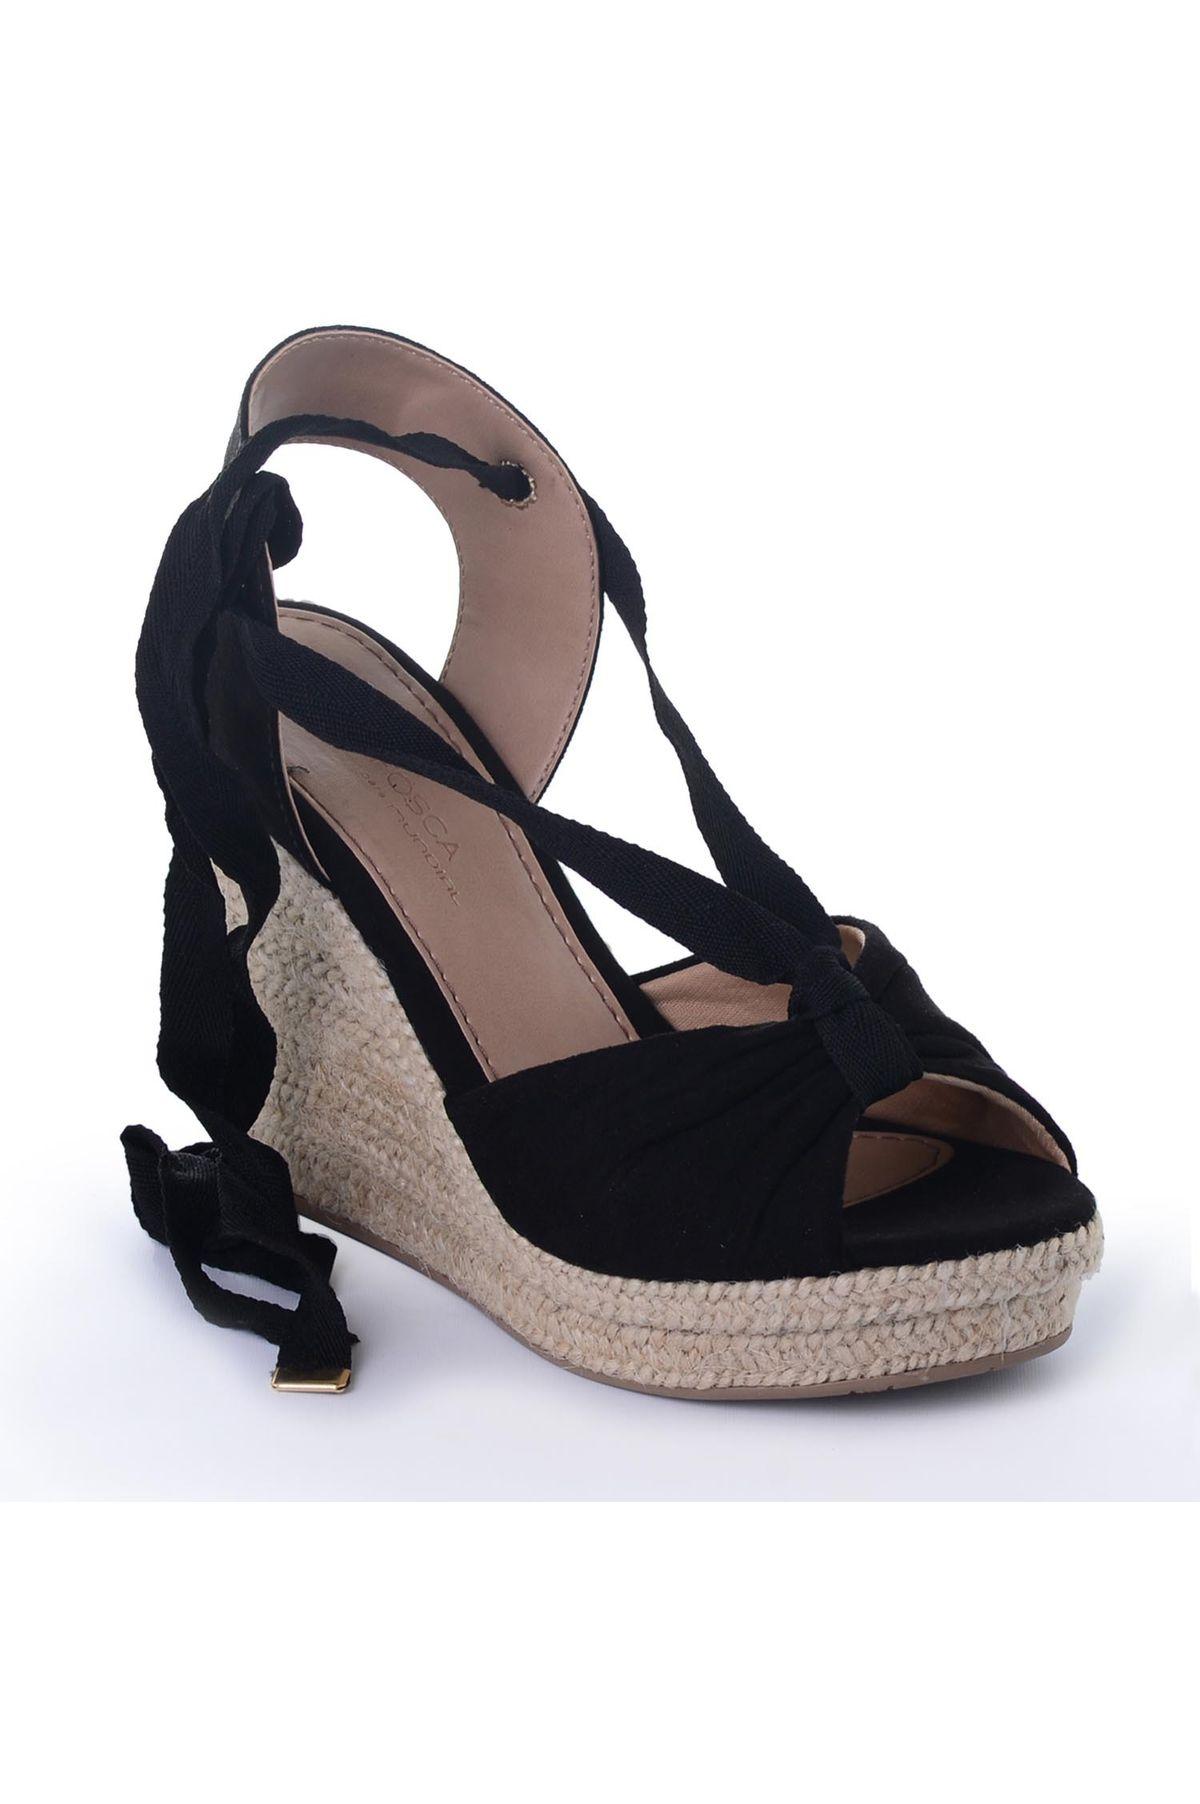 96efa0be8d Sandália Anabela Lafosca Clélia | Mundial Calçados - Mundial Calçados